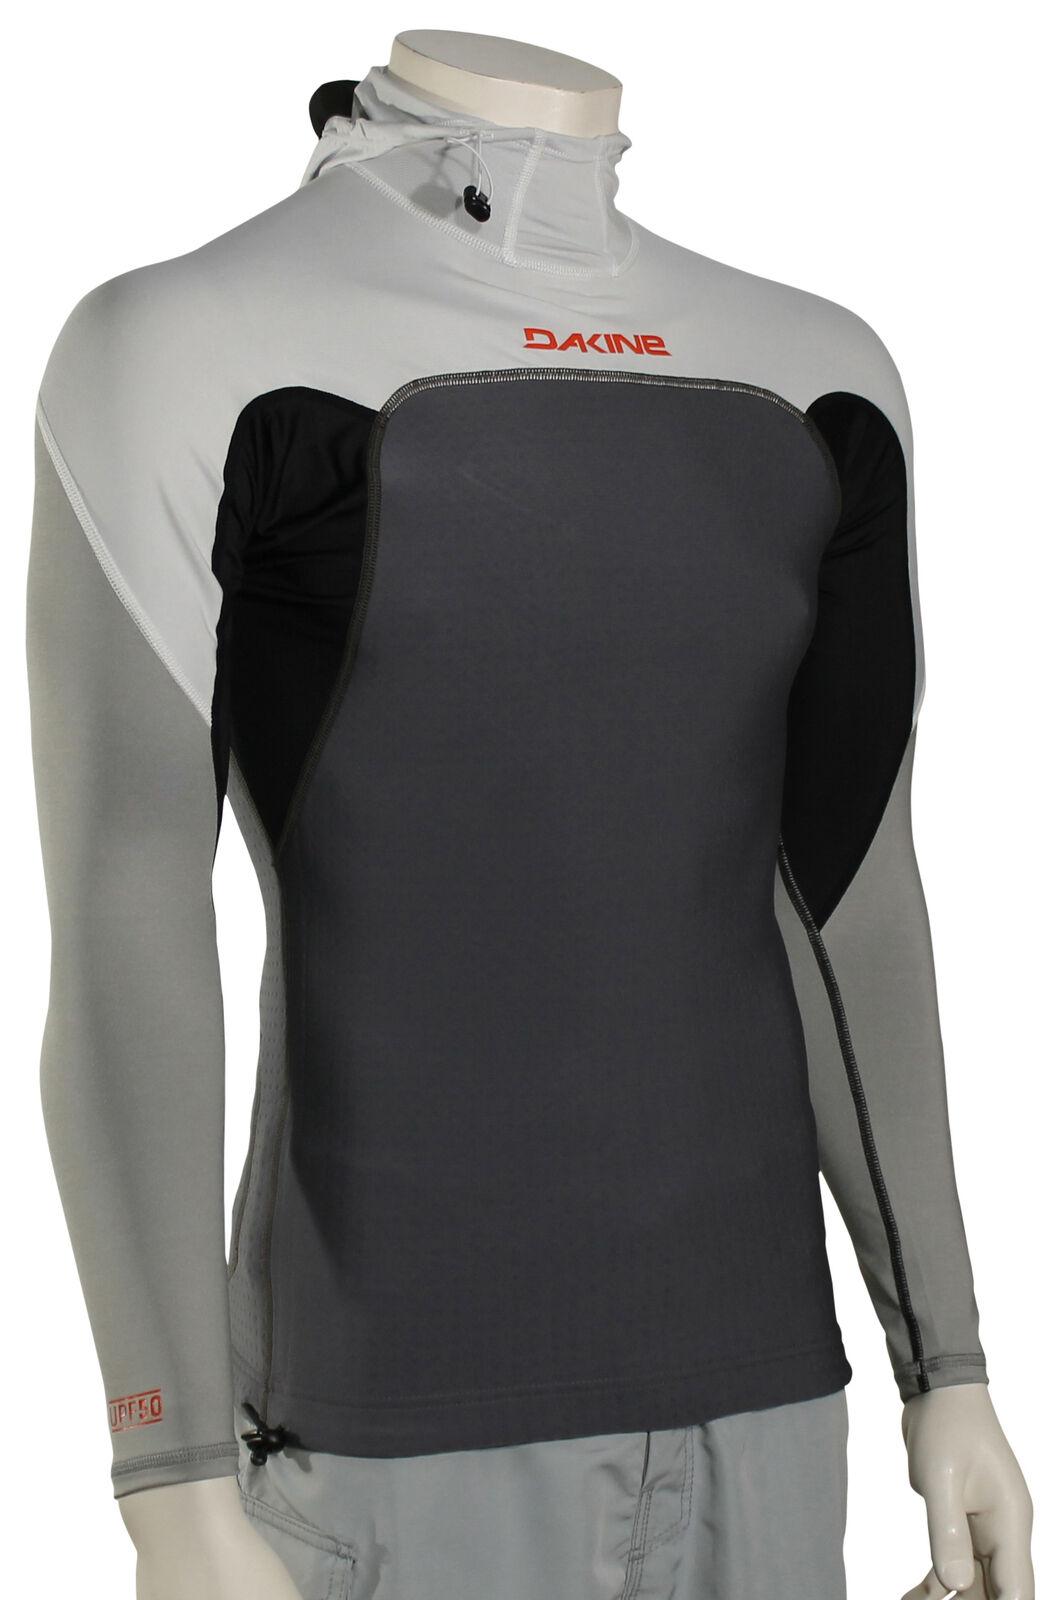 DaKine Storm Snug Fit Hooded LS Rash Guard - Carbon - New